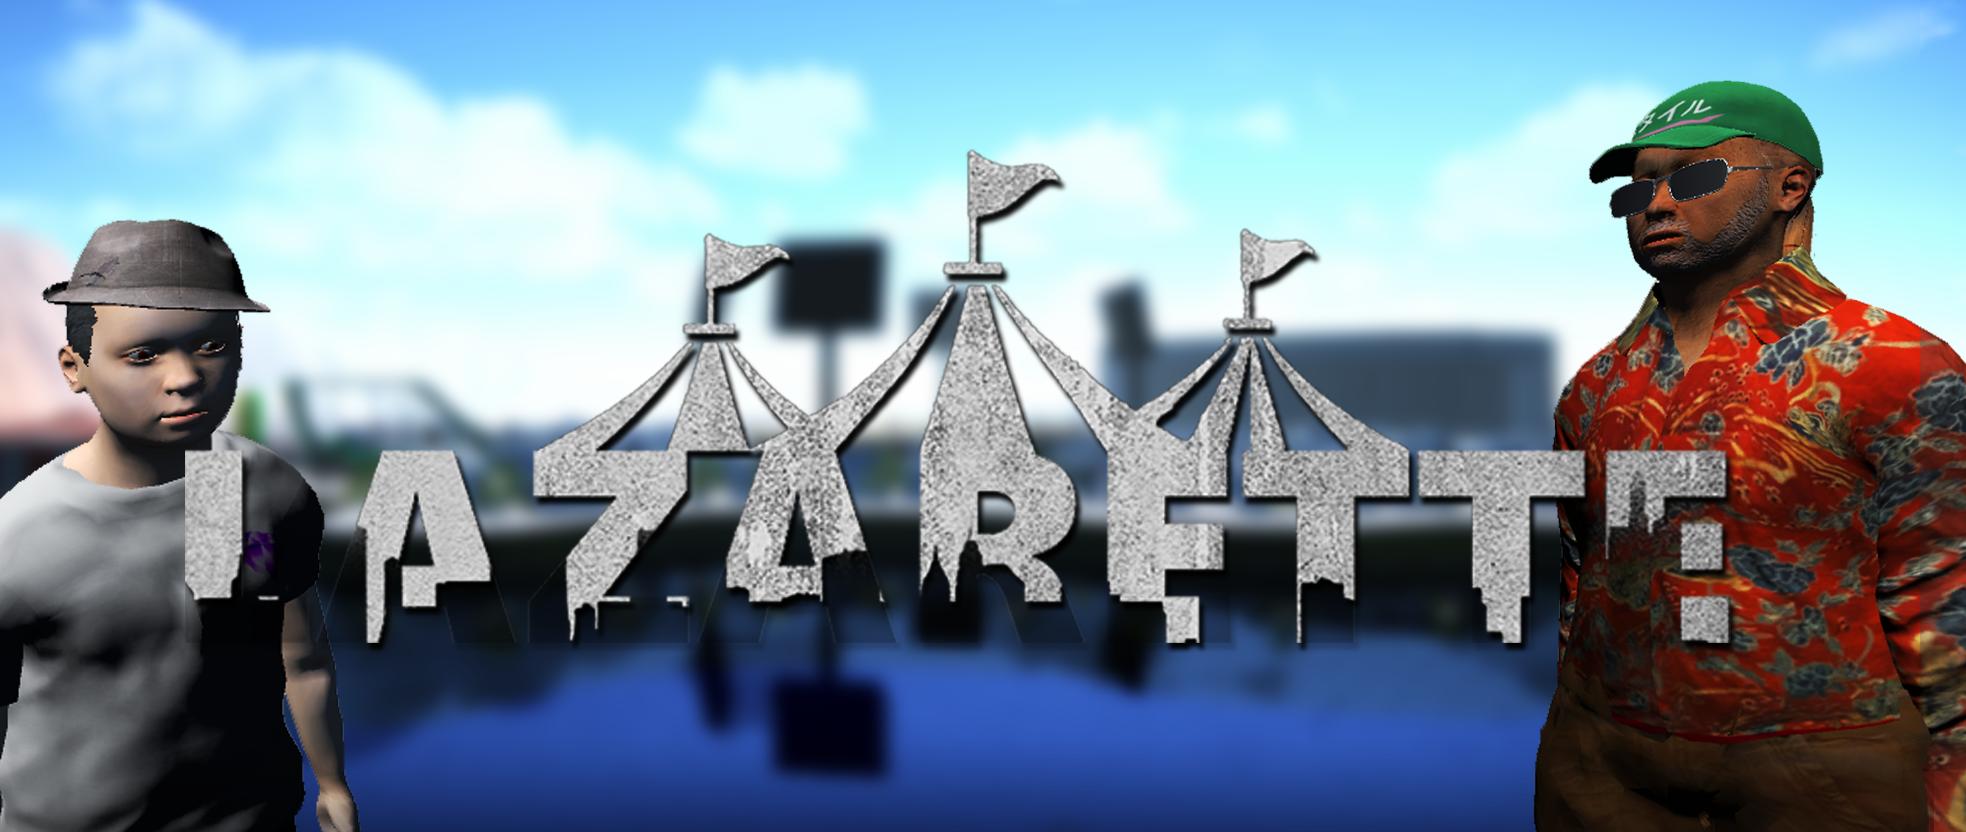 Lazarette